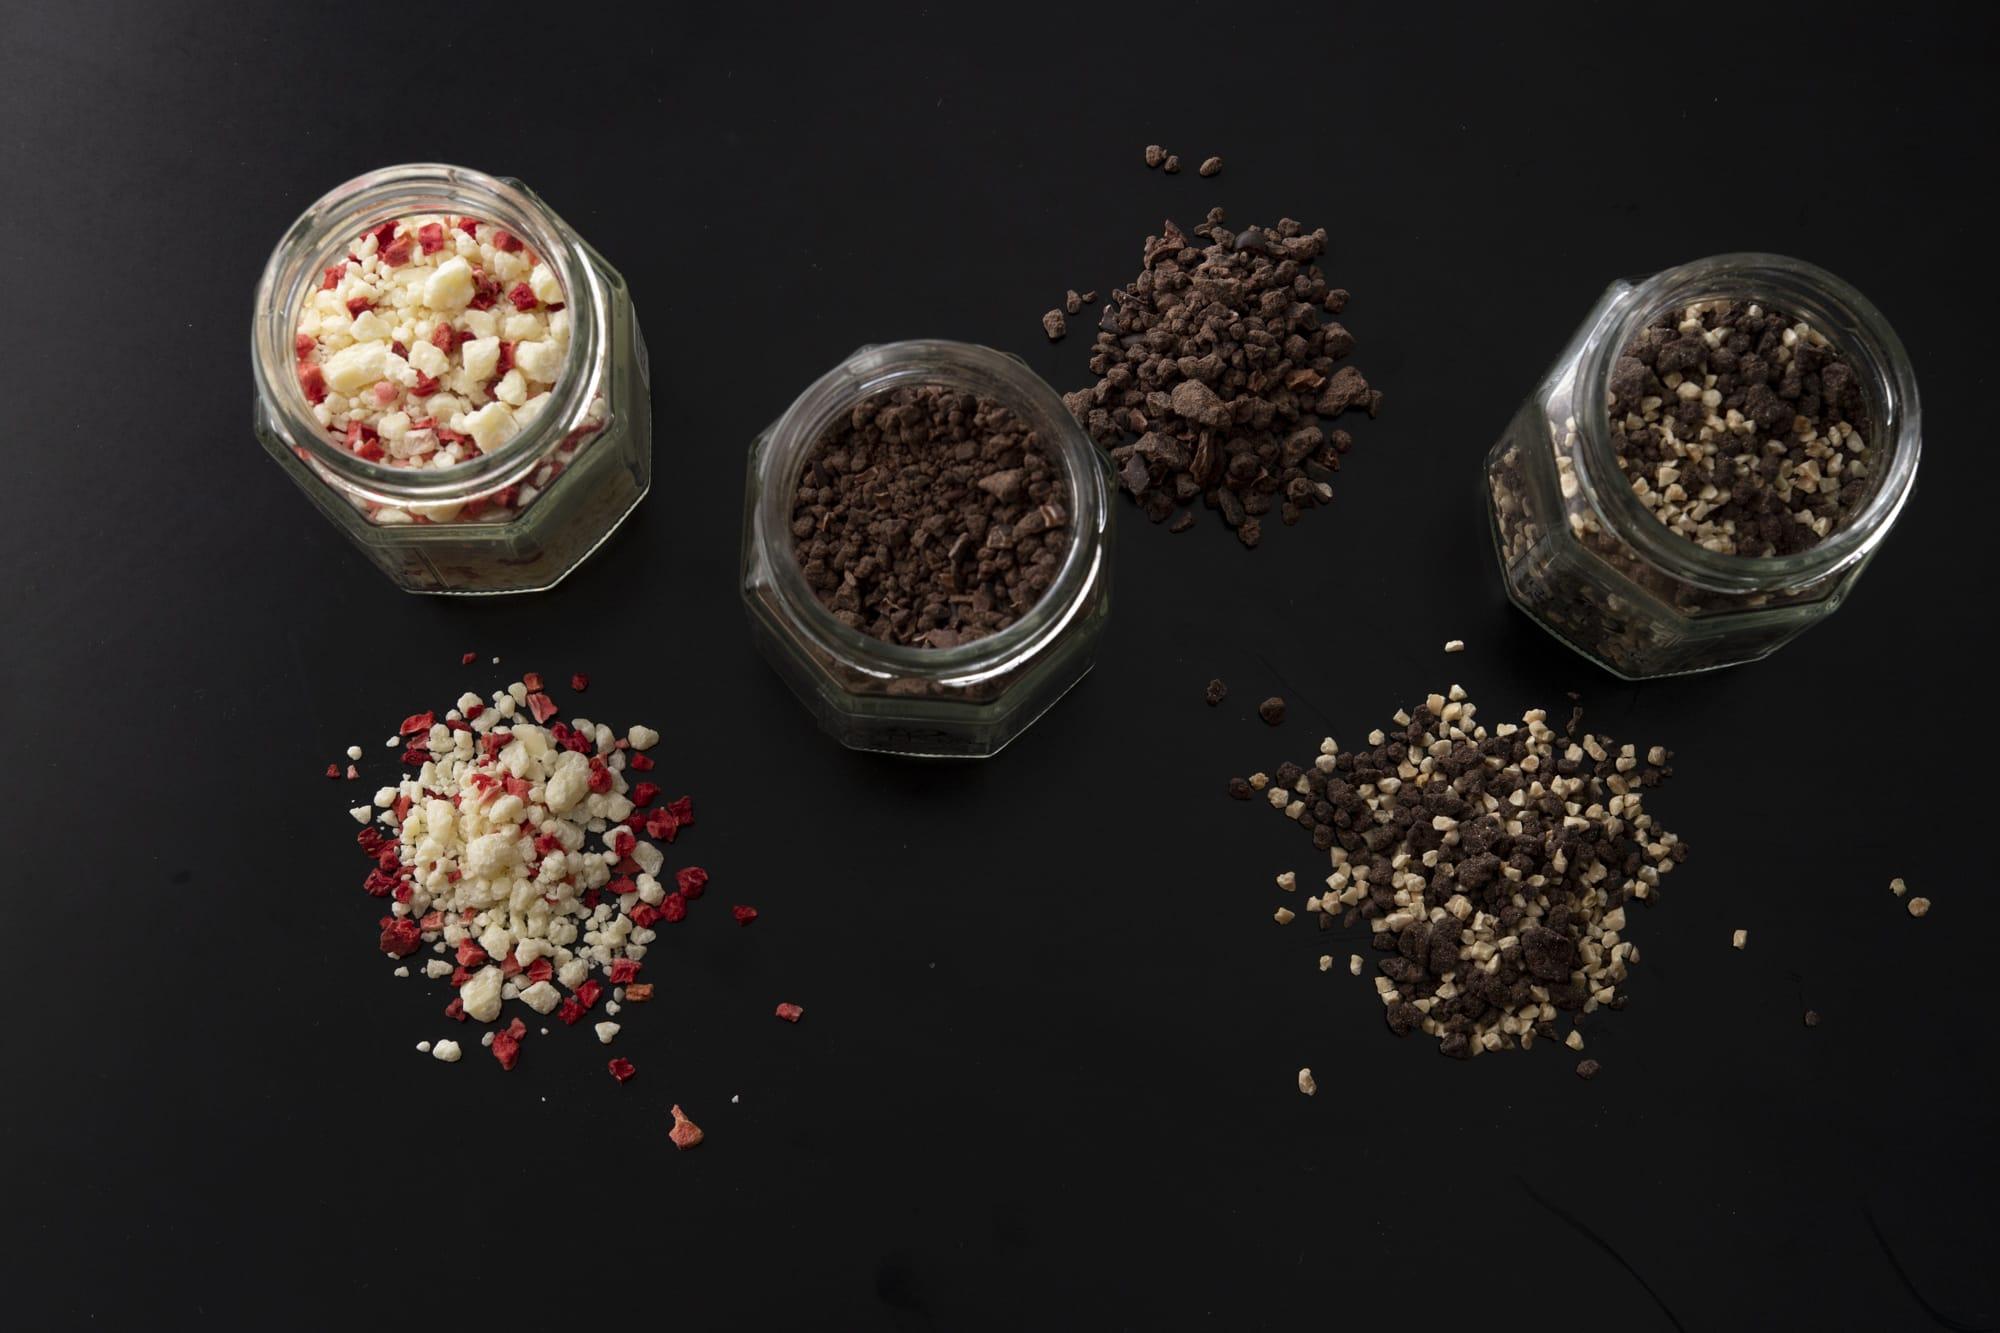 チョコレートの楽しみ方が広がる「フリカケ」。左から、フリーズドライベリーとホワイトチョコレートの「ホワイトベリー」(970円)、苦味とほのかな酸味「タンザニア」(800円)、アーモンド入りの「コロンビア」(800円)。ミルクに溶かしてホットチョコレートにもできる。(すべて税込)